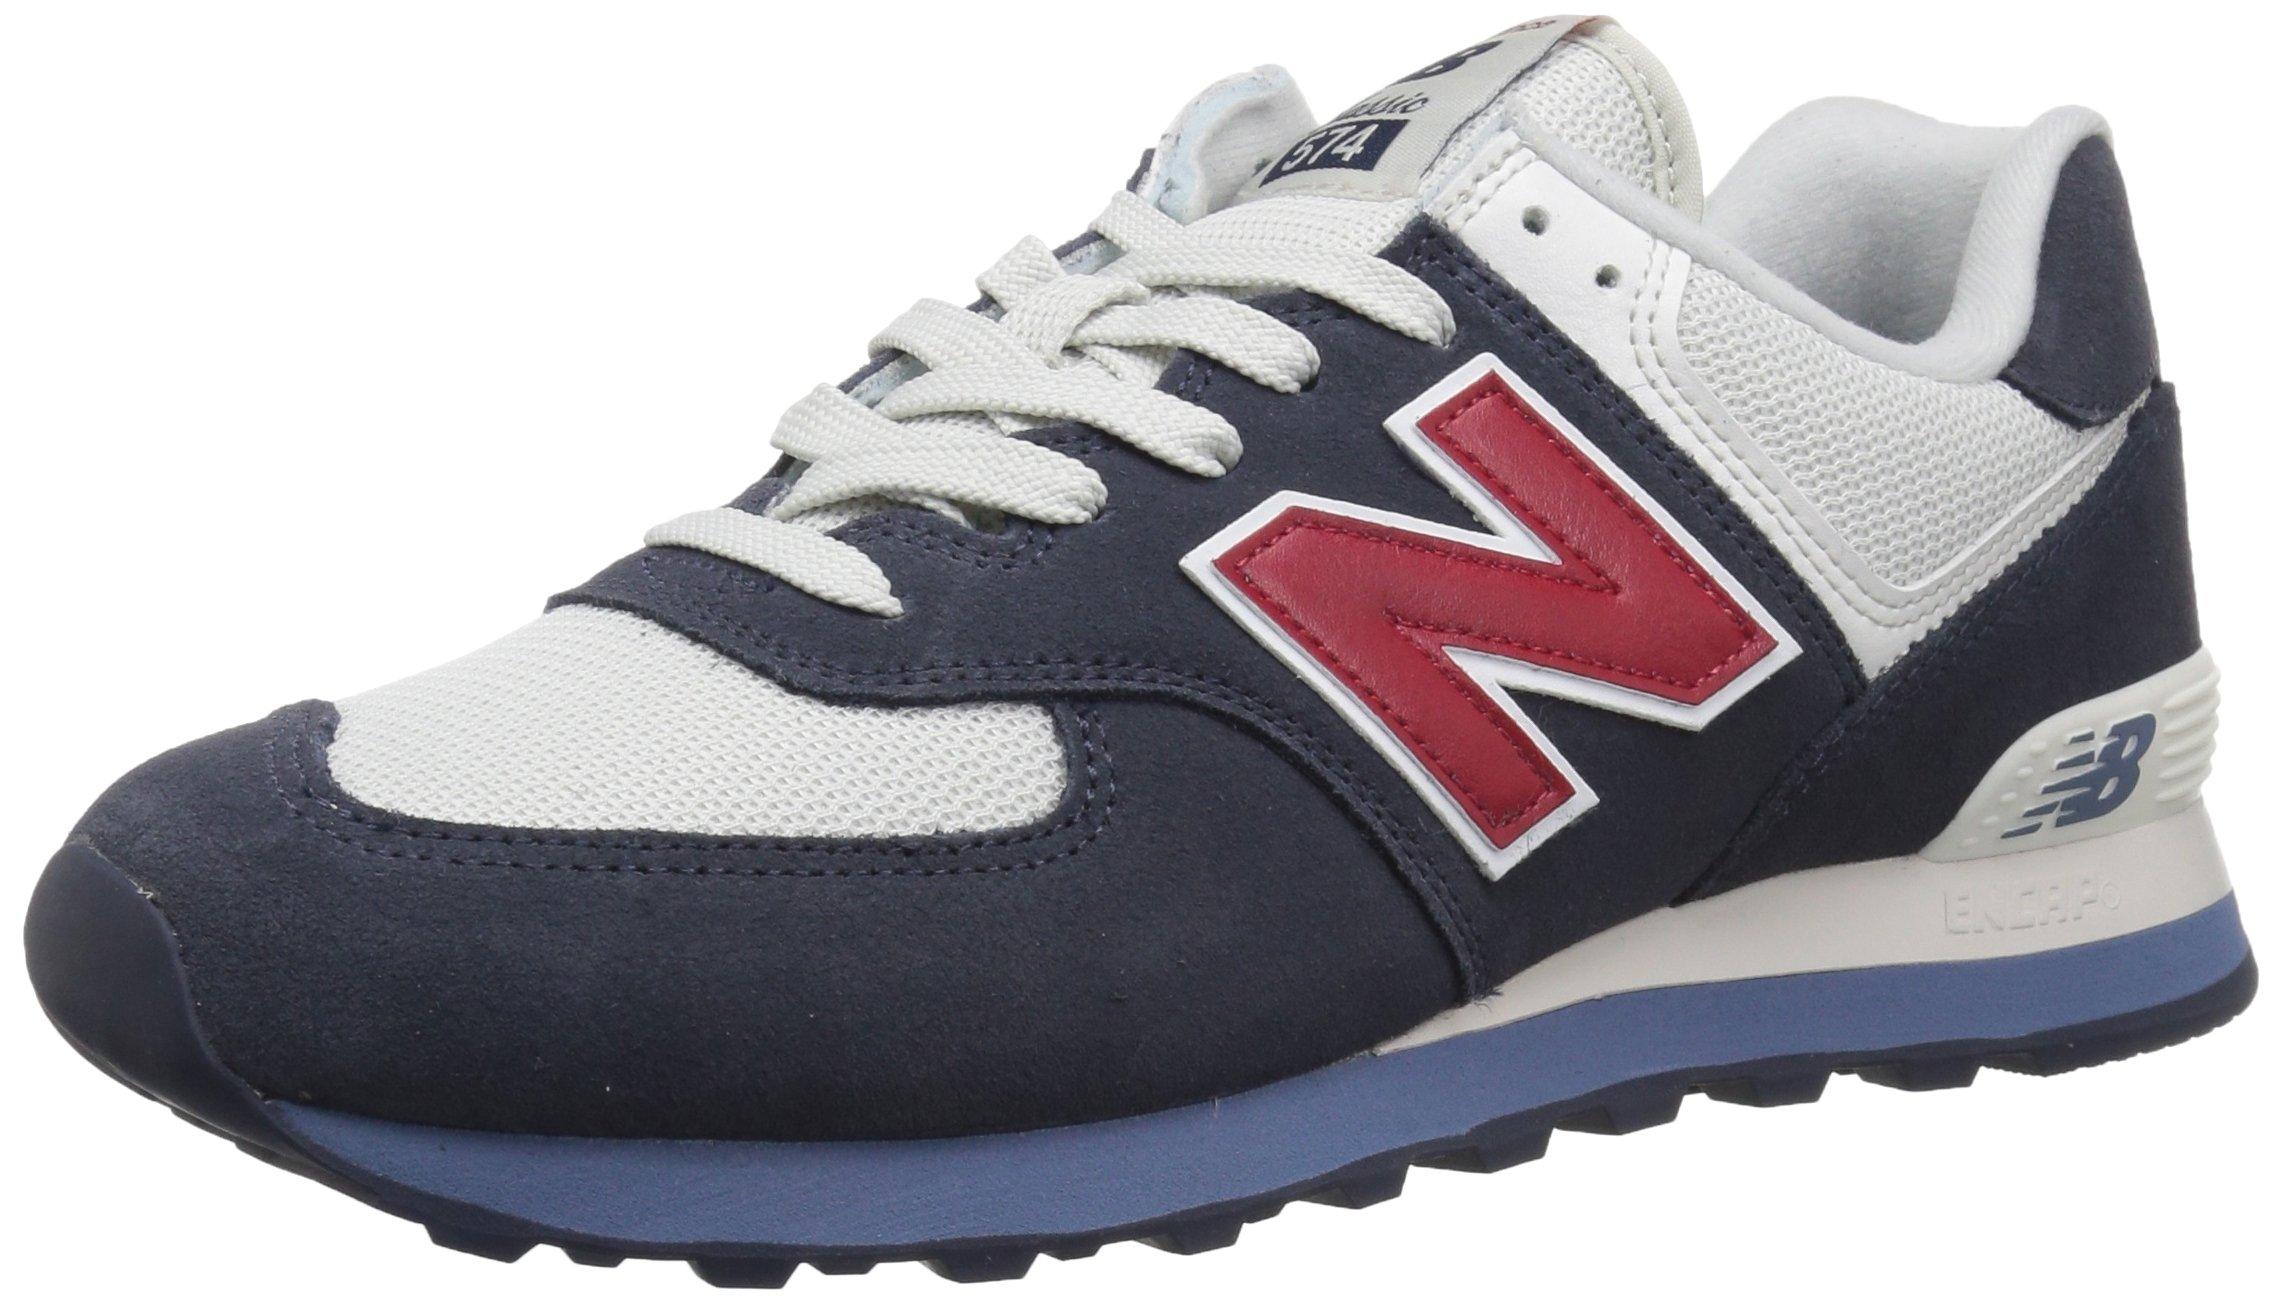 New Balance Men's 574S Sport Sneaker,Navy/Chili Pepper,10.5 D US